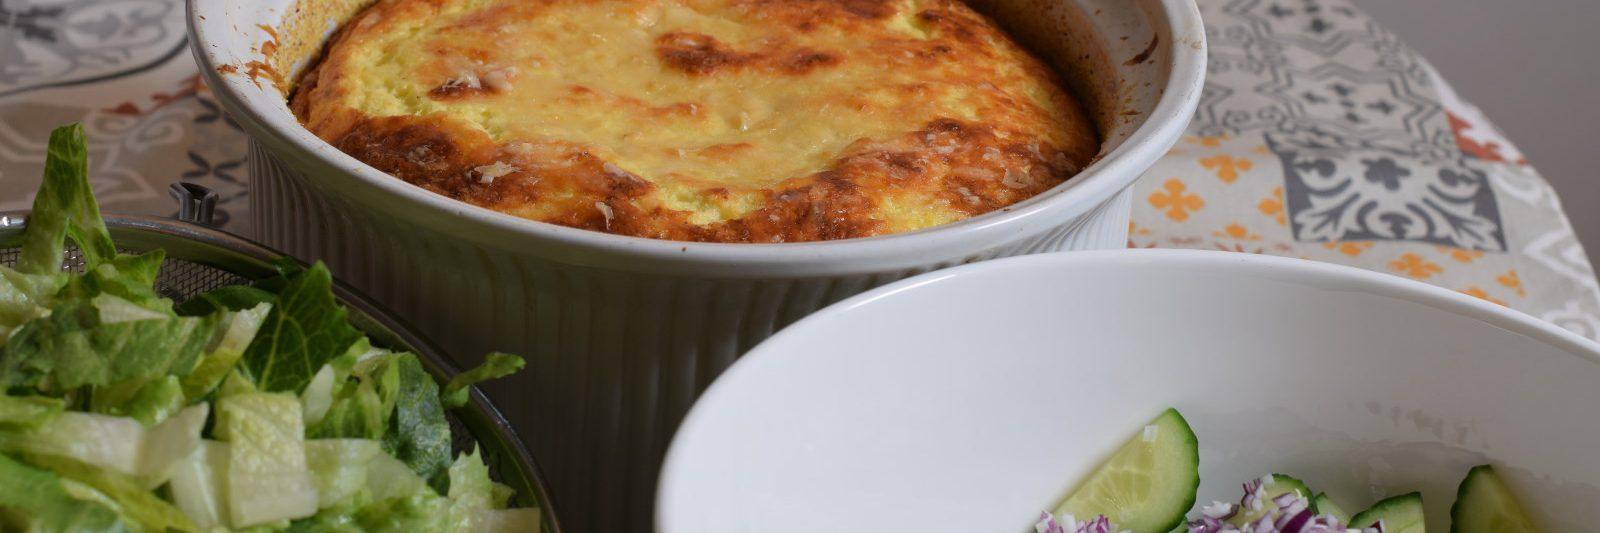 Bloemkool recept Bruin gebakken bloemkoolsoufflé in ronde ovenschaal, met sla, rode ui en komkommer op de voorgrond